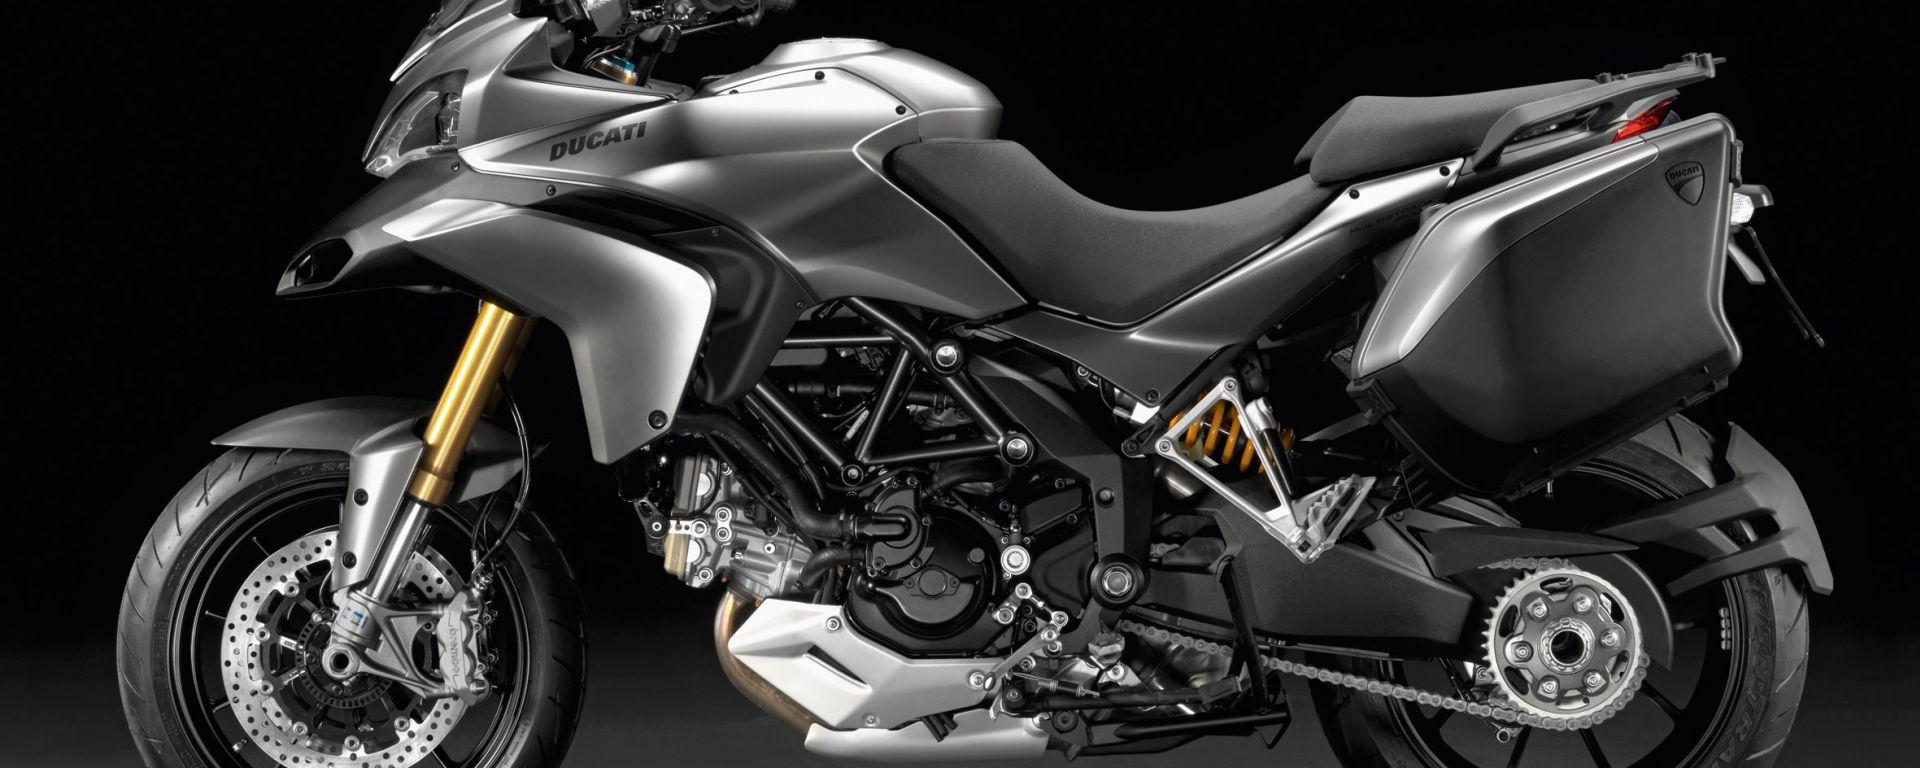 Ducati, nuove grafiche 2012